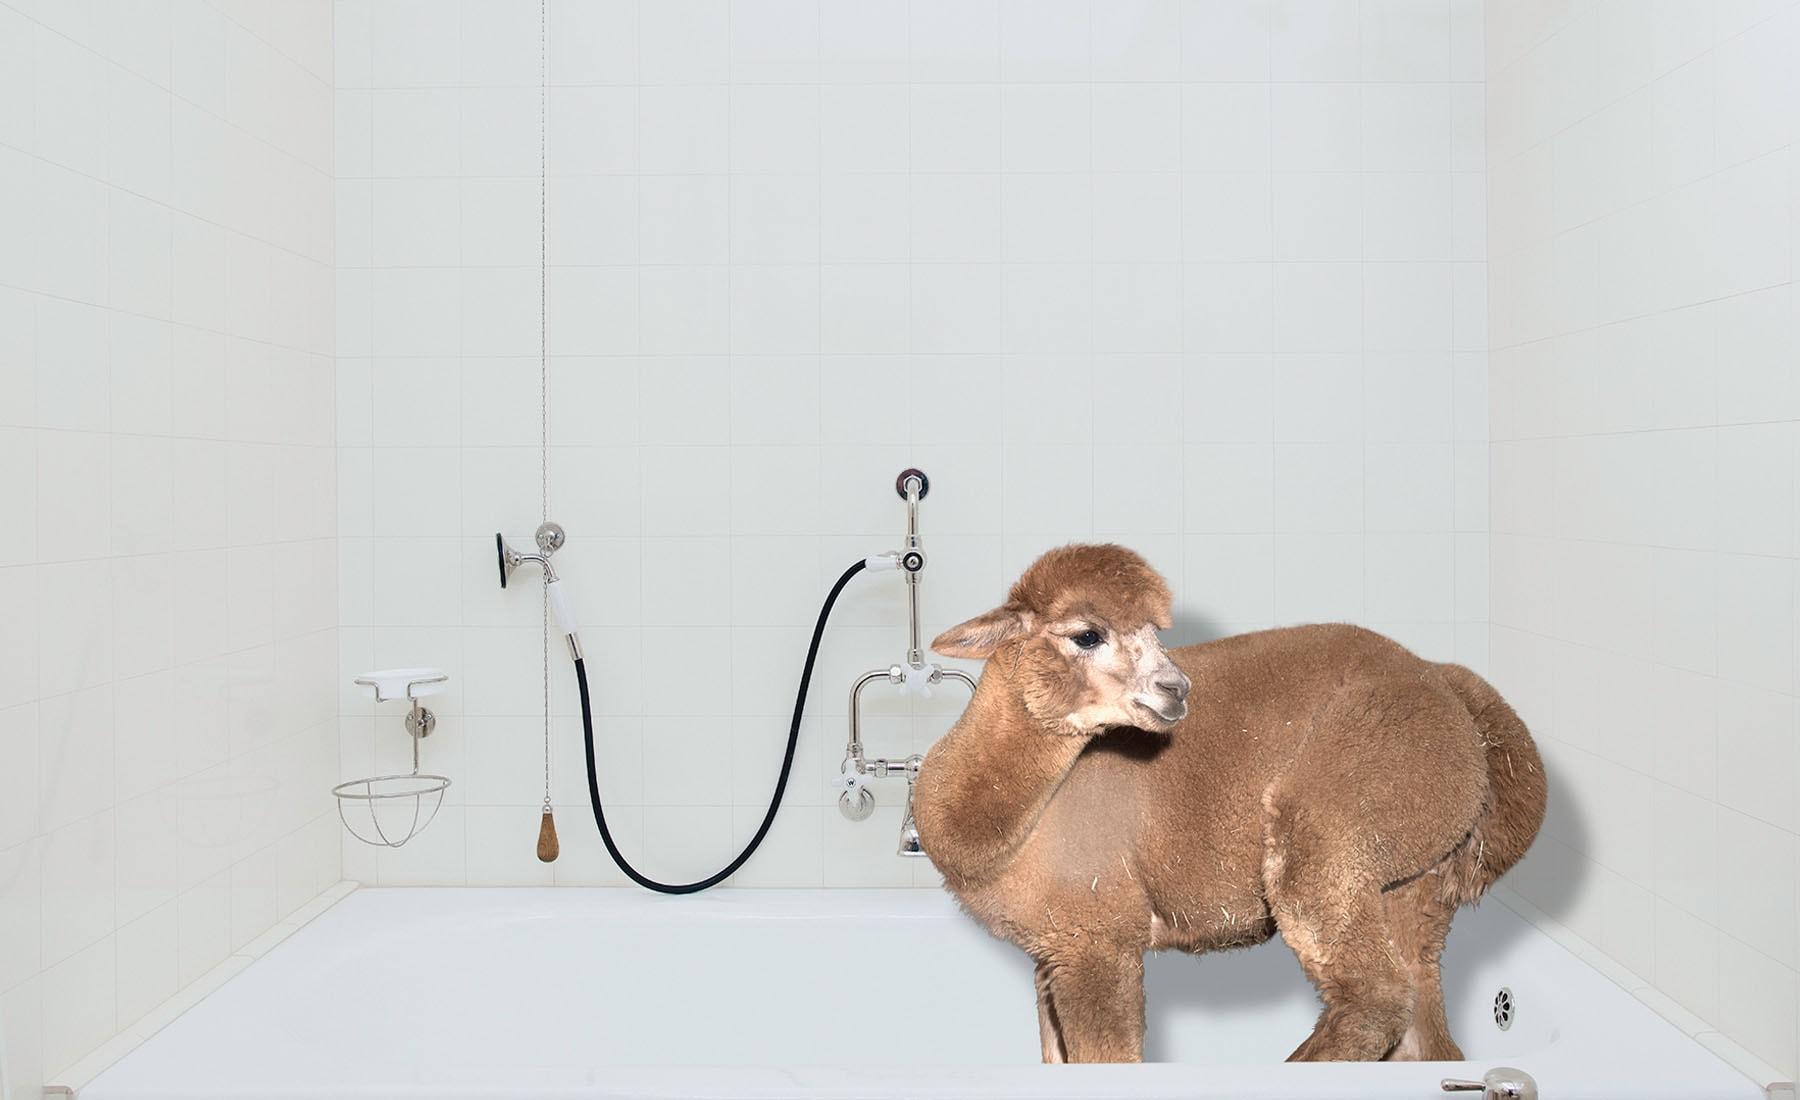 Daniel-Gebhardt-de-Koekkoek-Alpaca-bath-tub